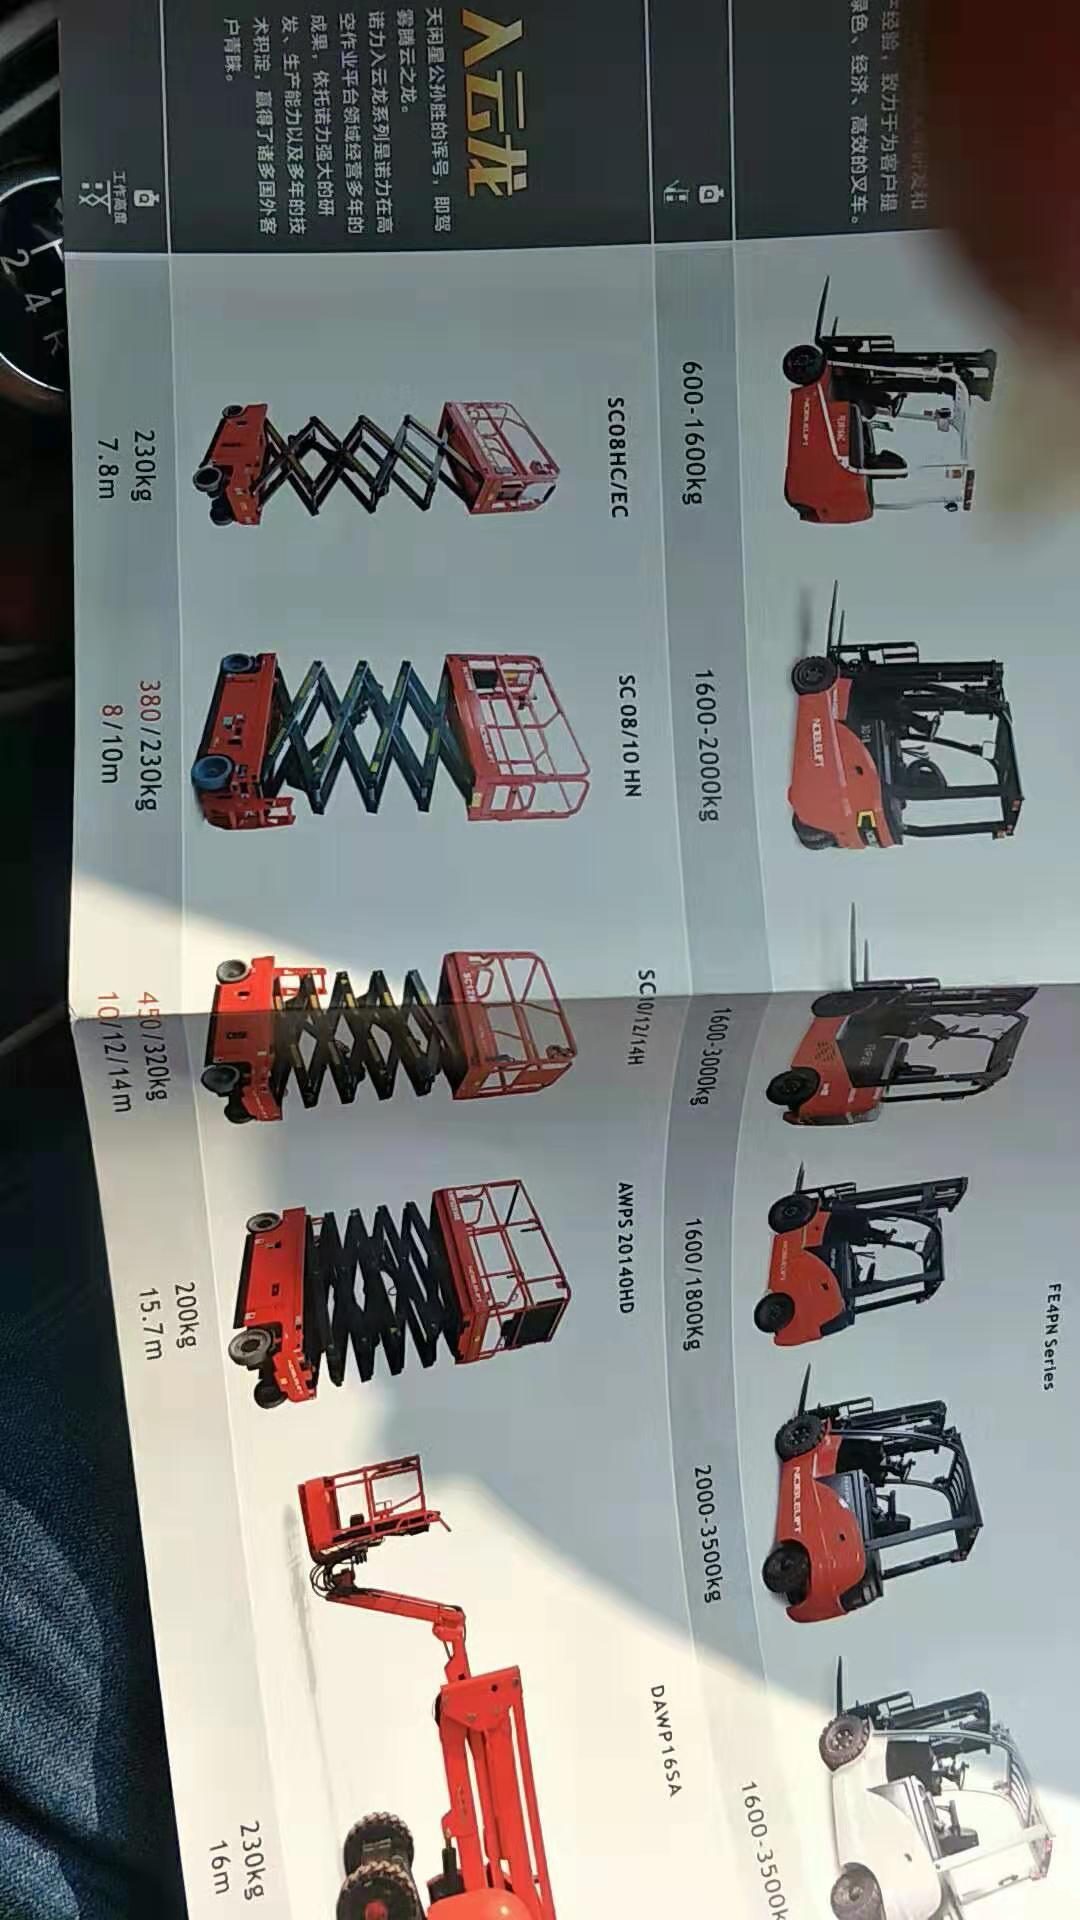 惠恒机械设备有限公司提供叉车租赁服务